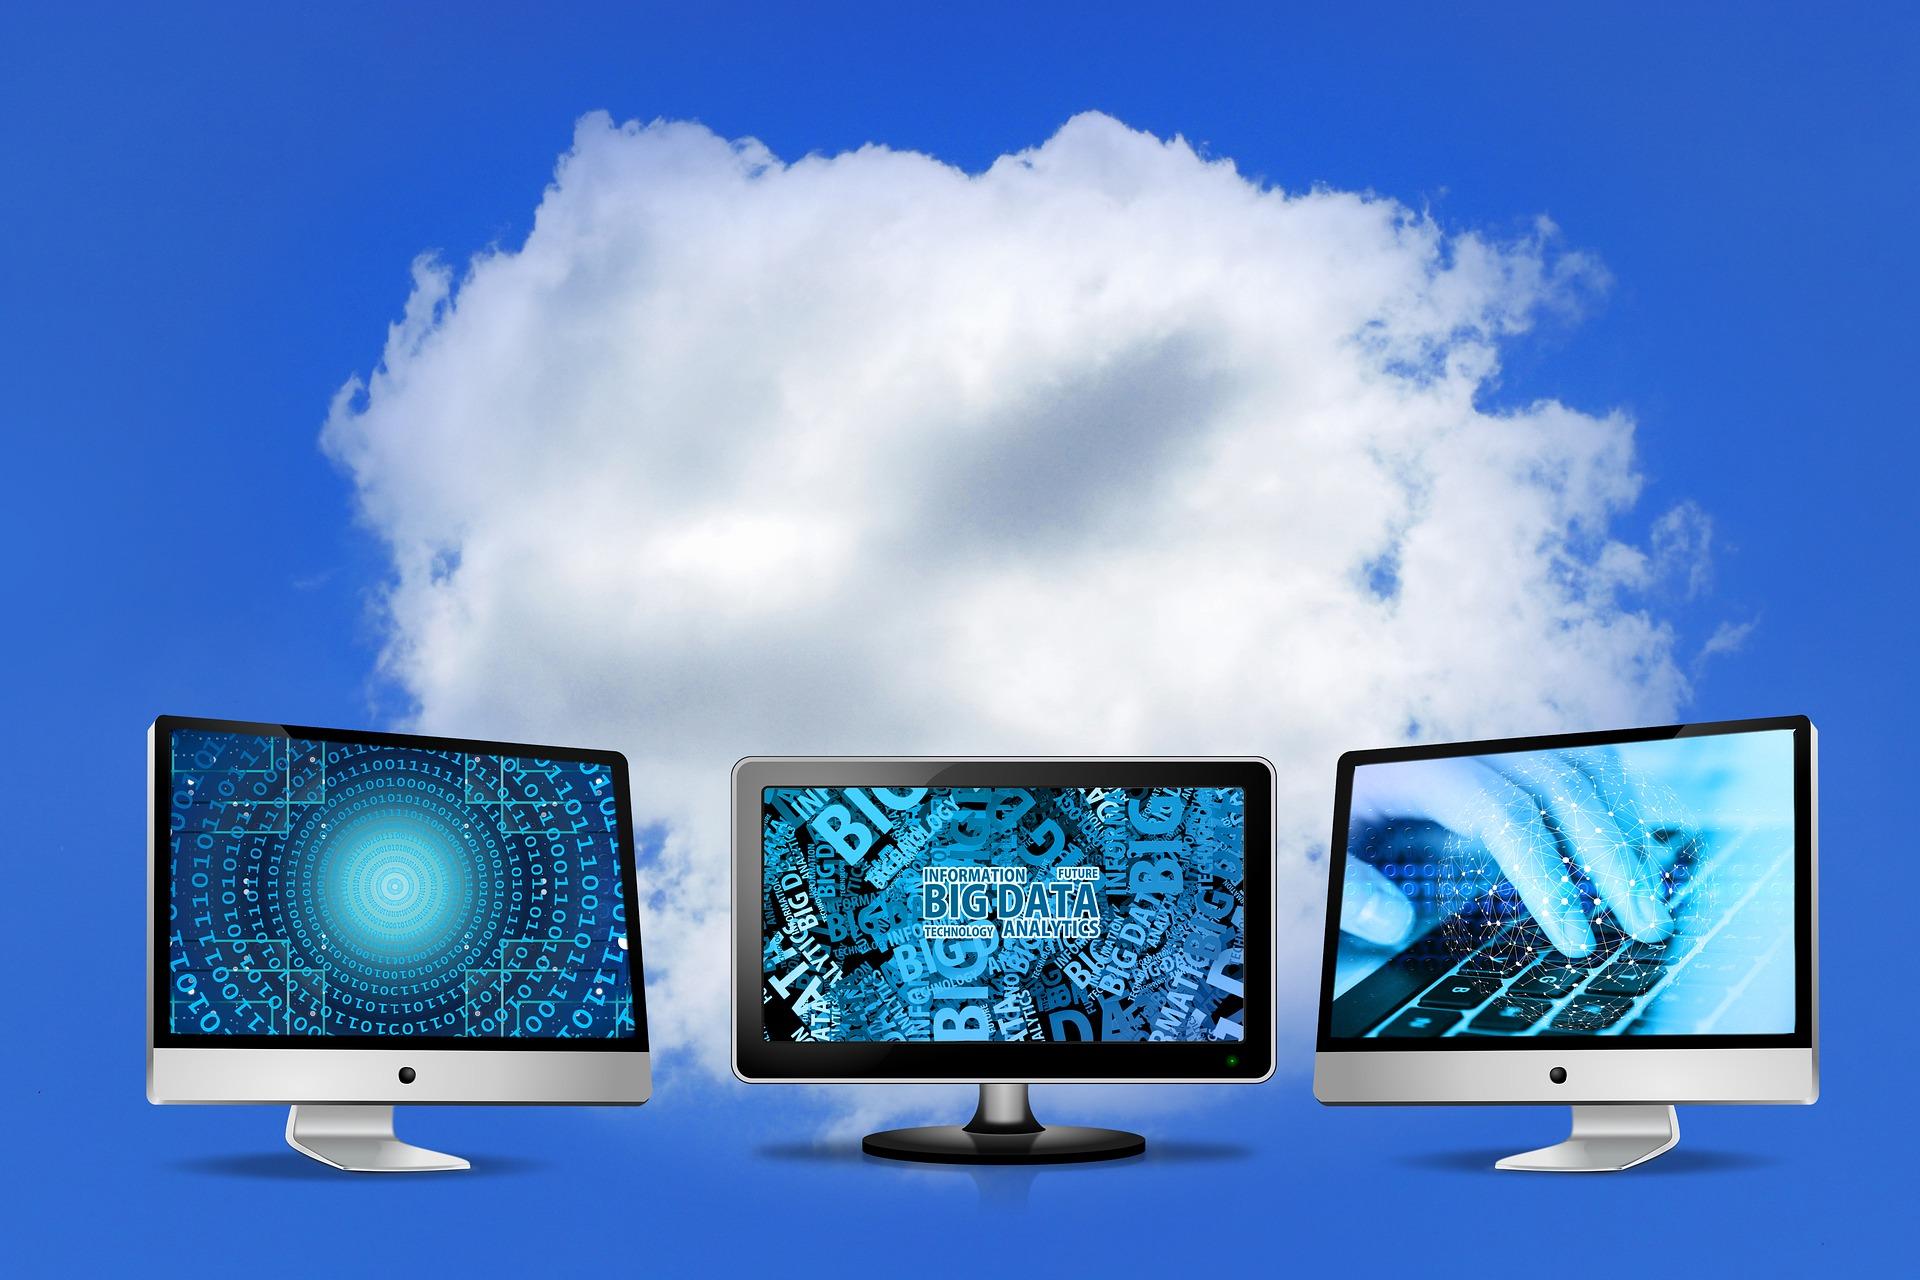 Apa Itu Computing Cloud? Dan Apa Perbedaan SaaS, PaaS, dan IaaS?